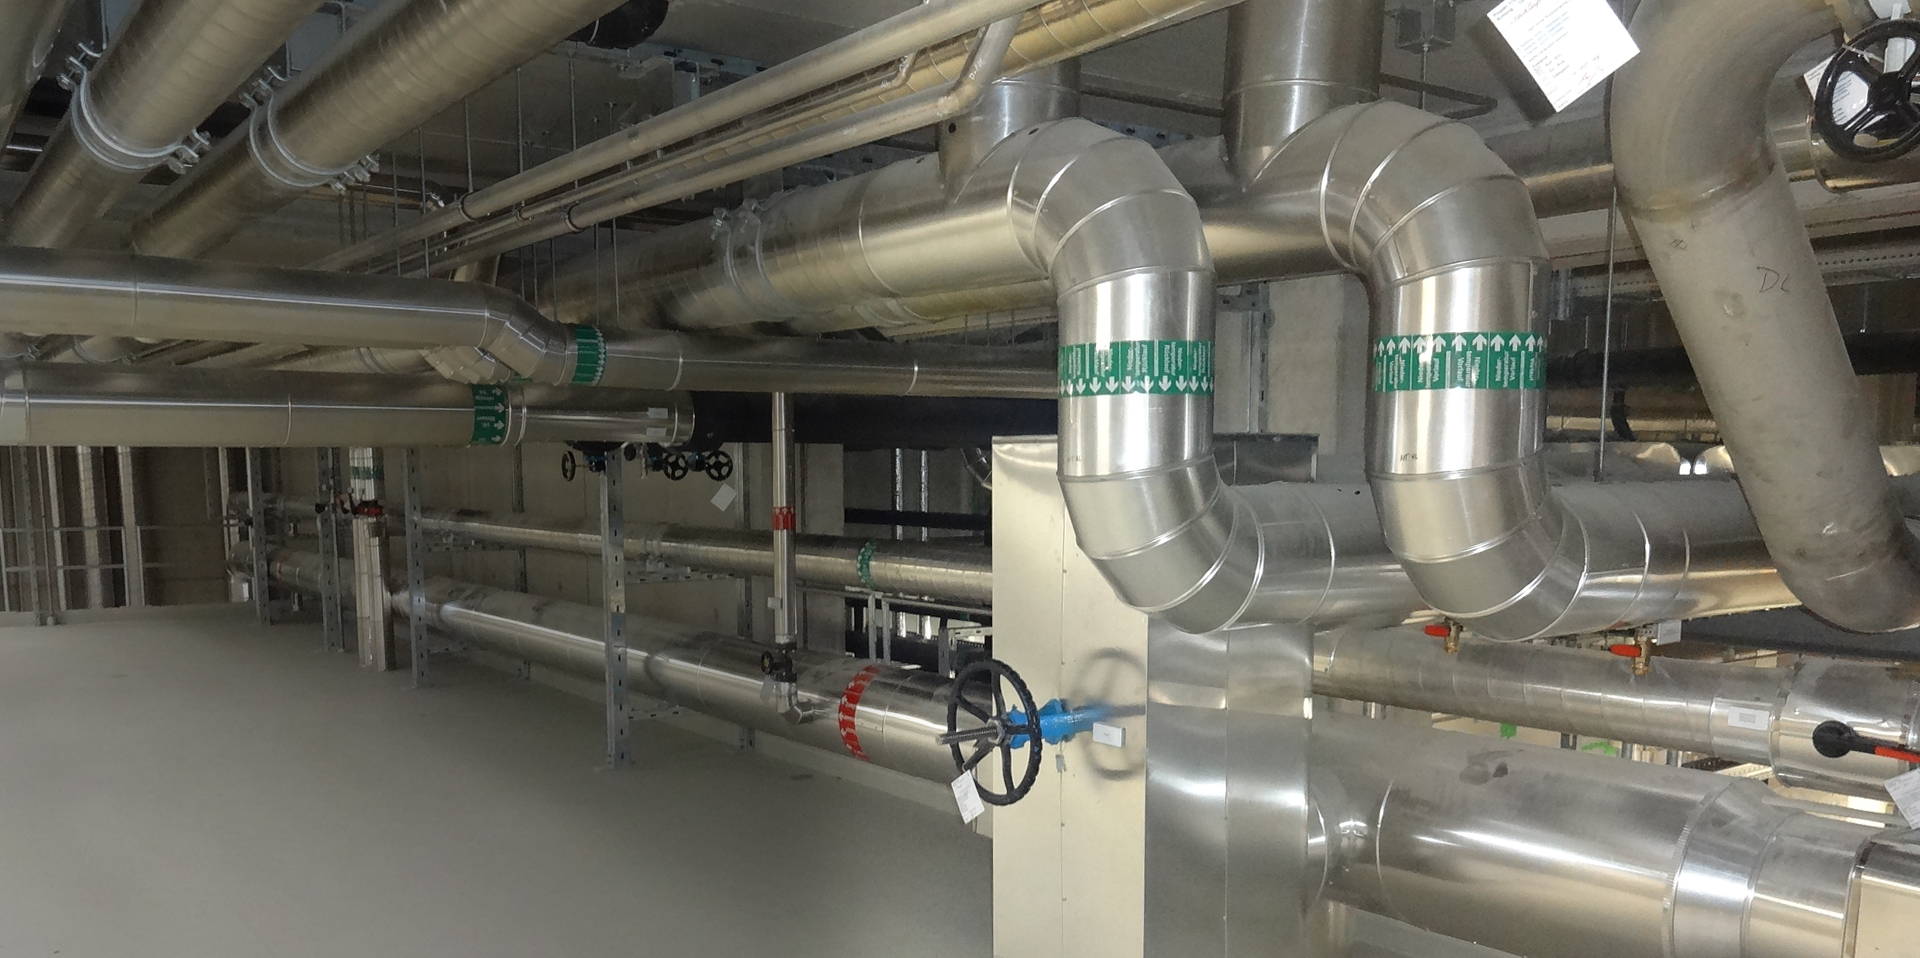 Technologien, Optimierung von Verteilnetzen, Heisswassernetze, Kaltwassernetze